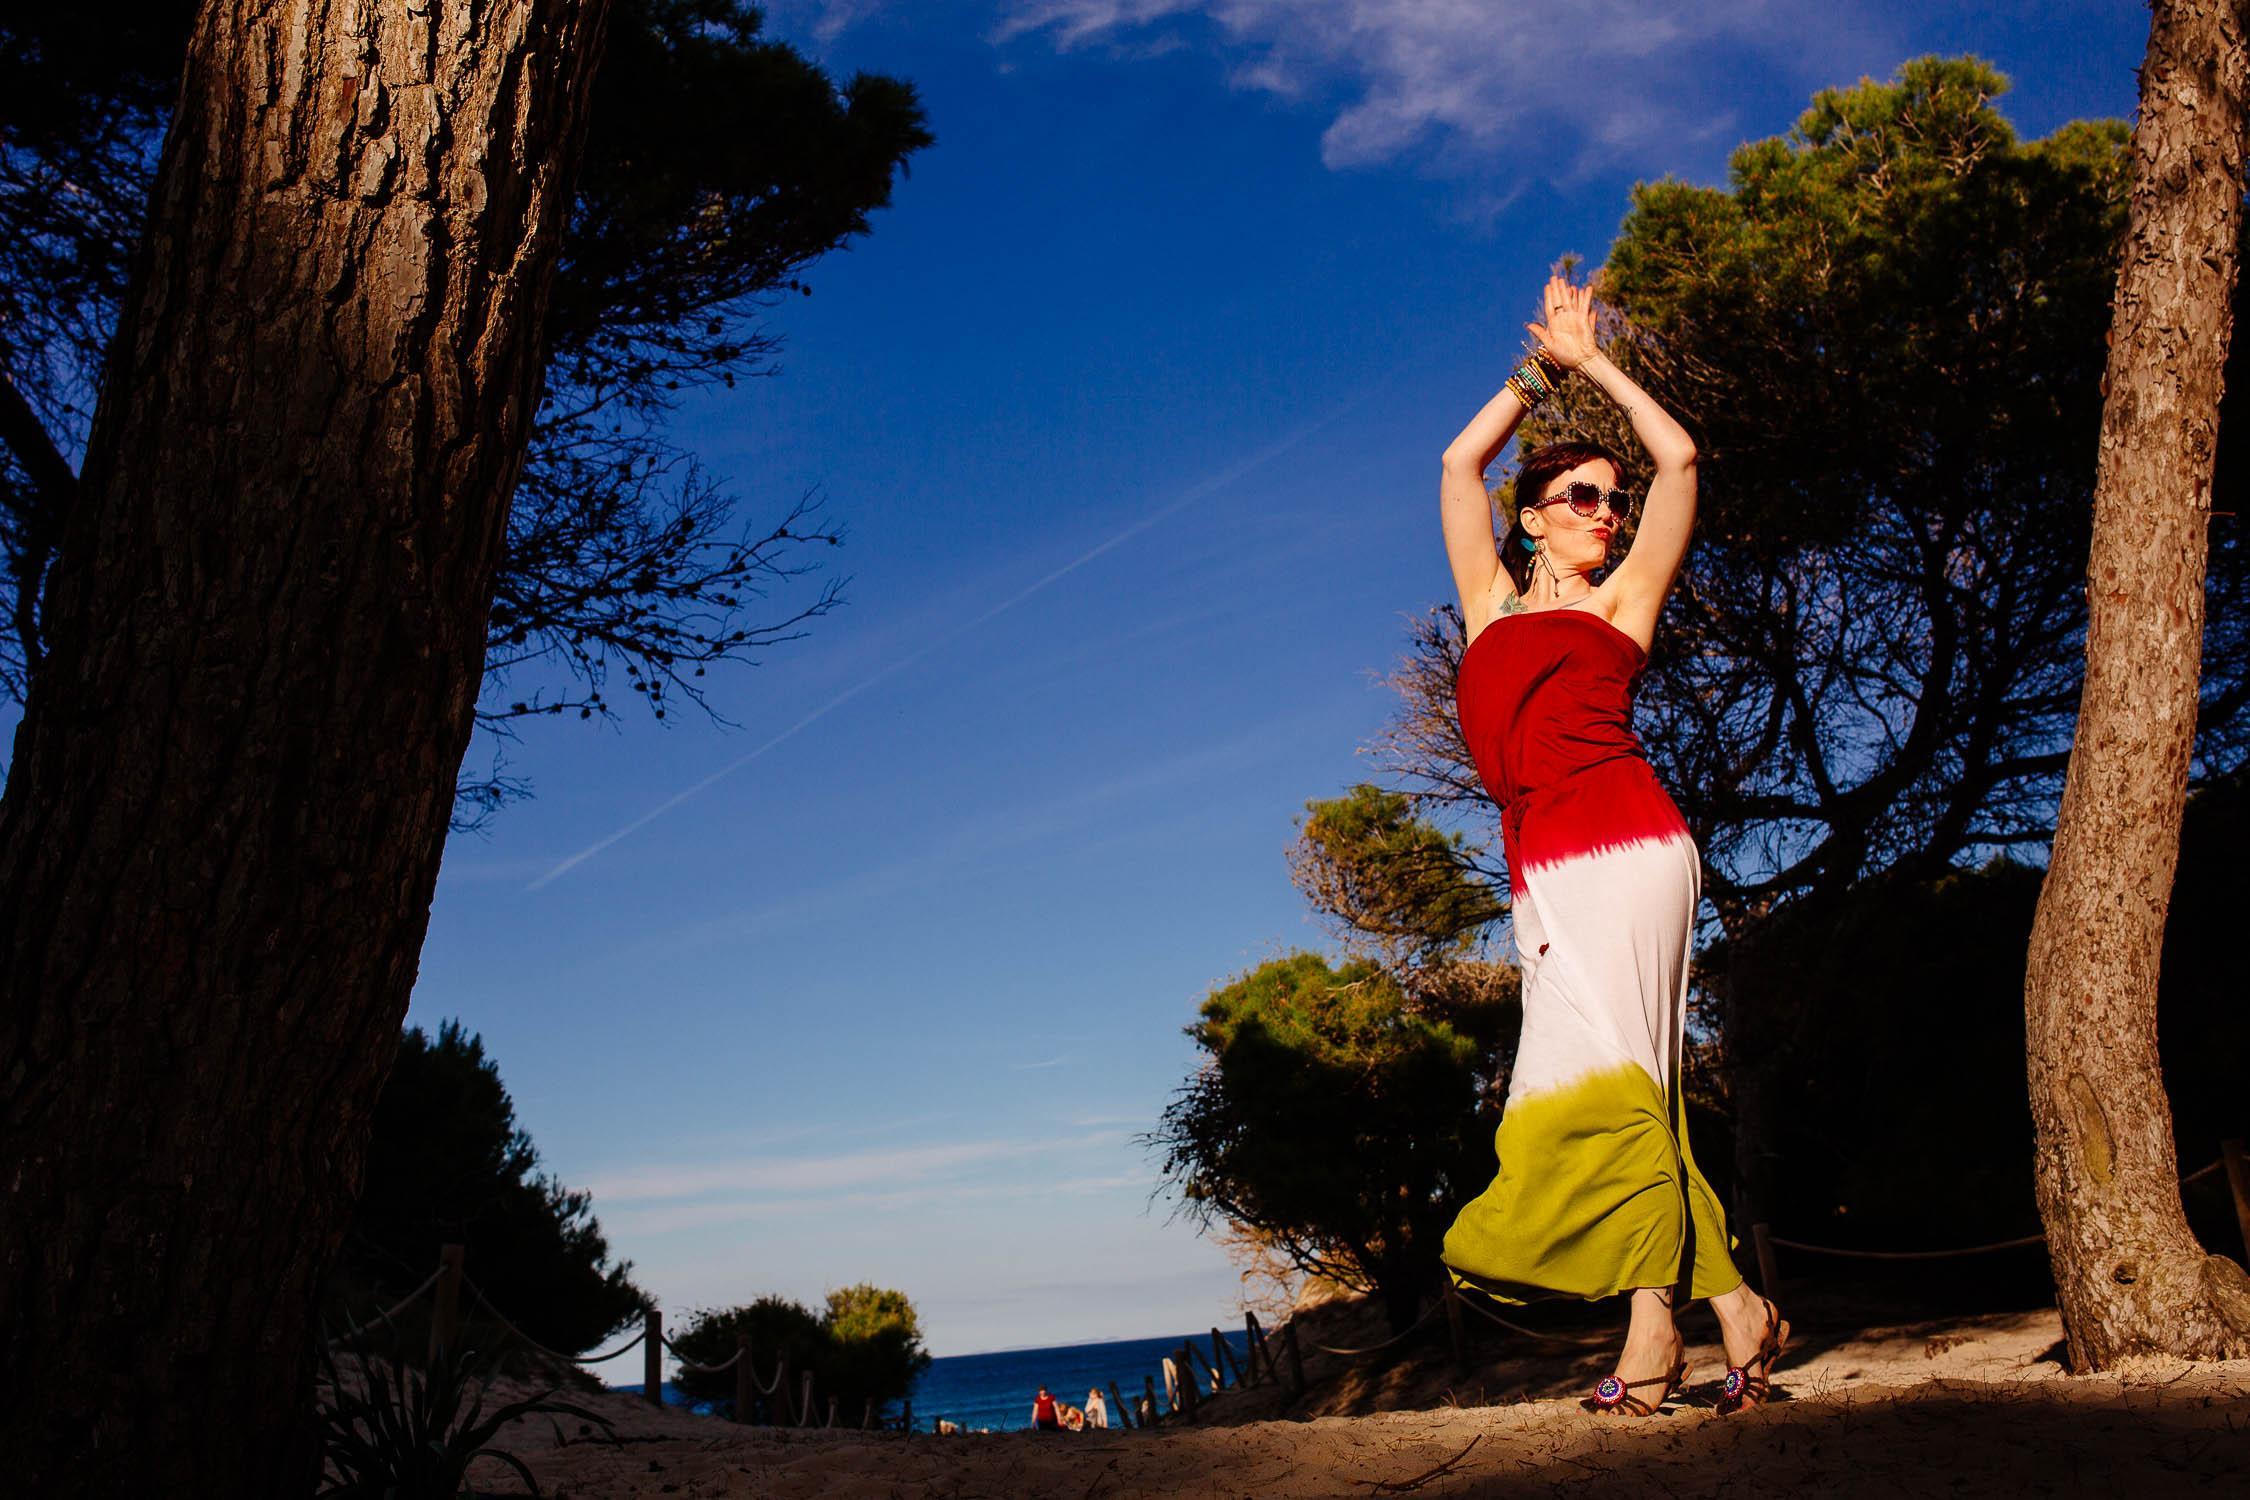 Tanzen ind er Sonne am Strand von Mallorca